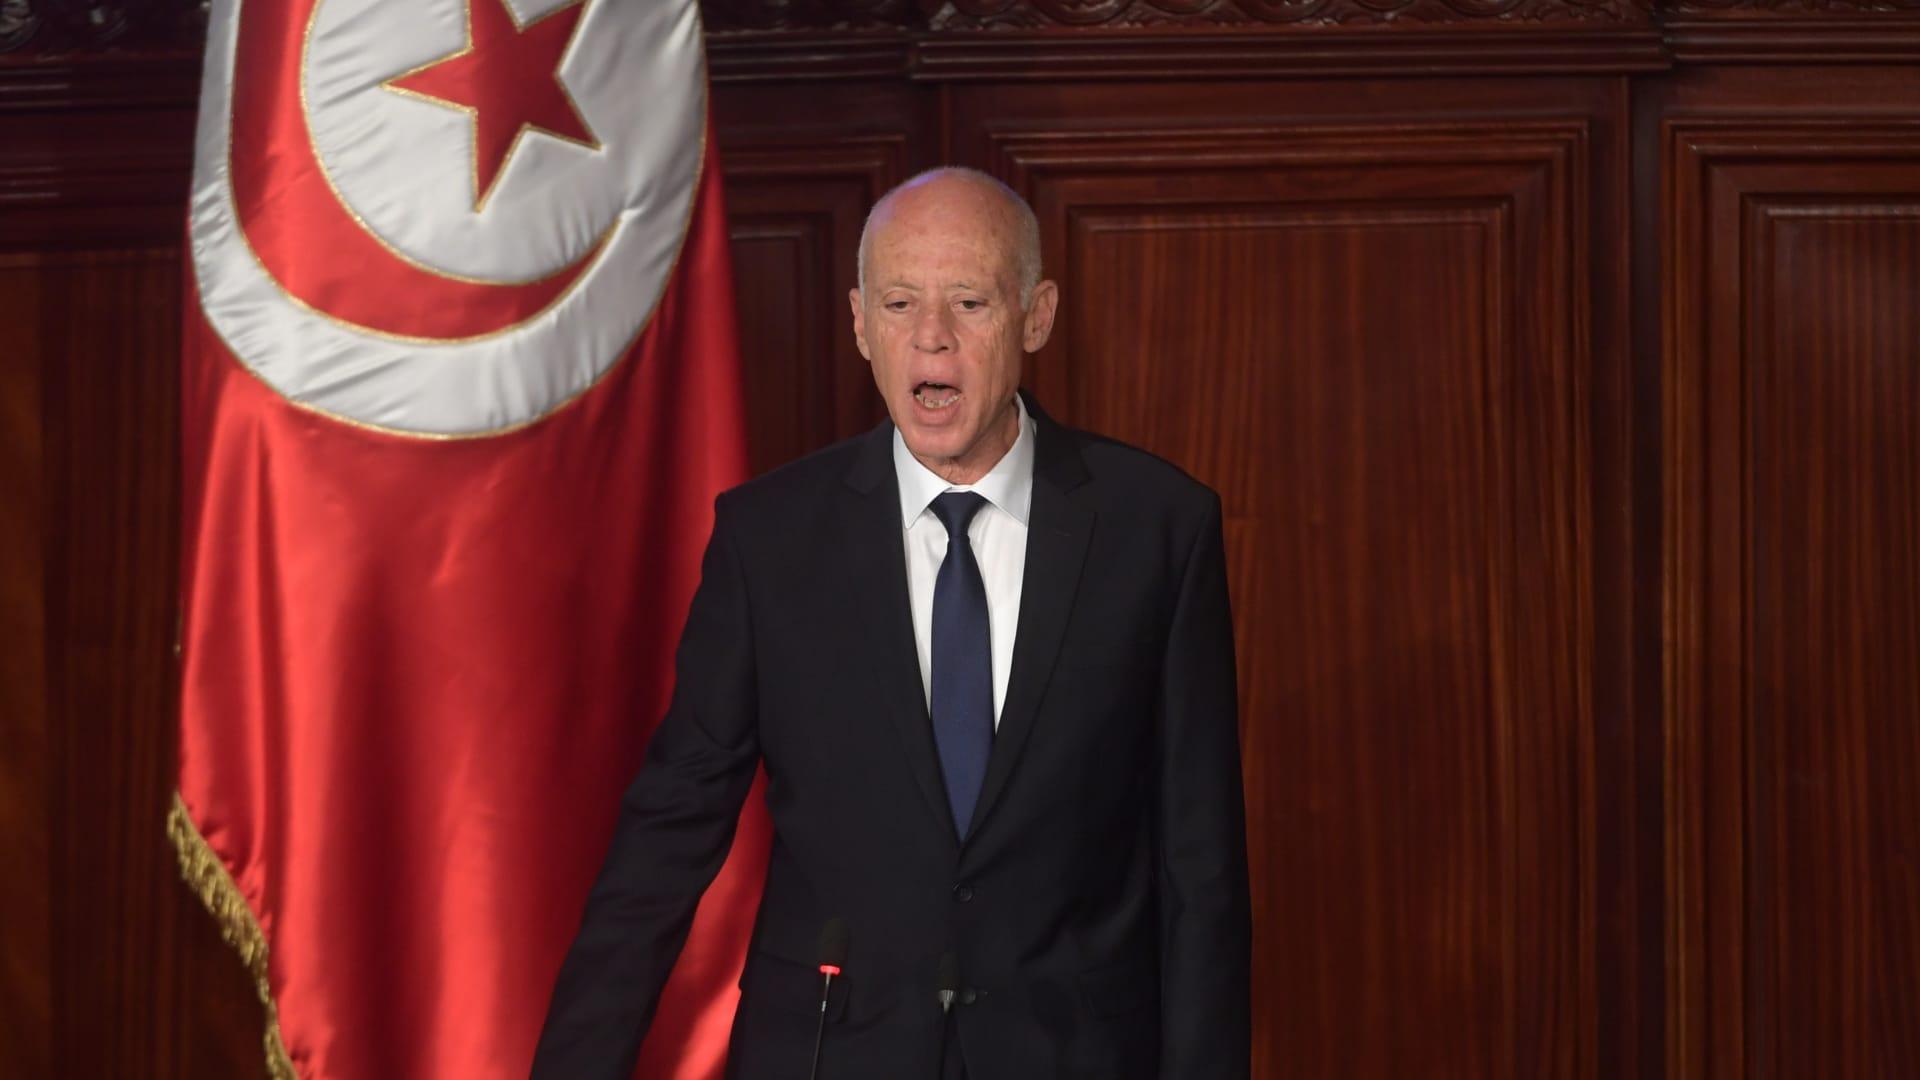 الرئيس التونسي: حرية التعبير مكفولة.. ولن أتحول بهذا السن إلى ديكتاتور